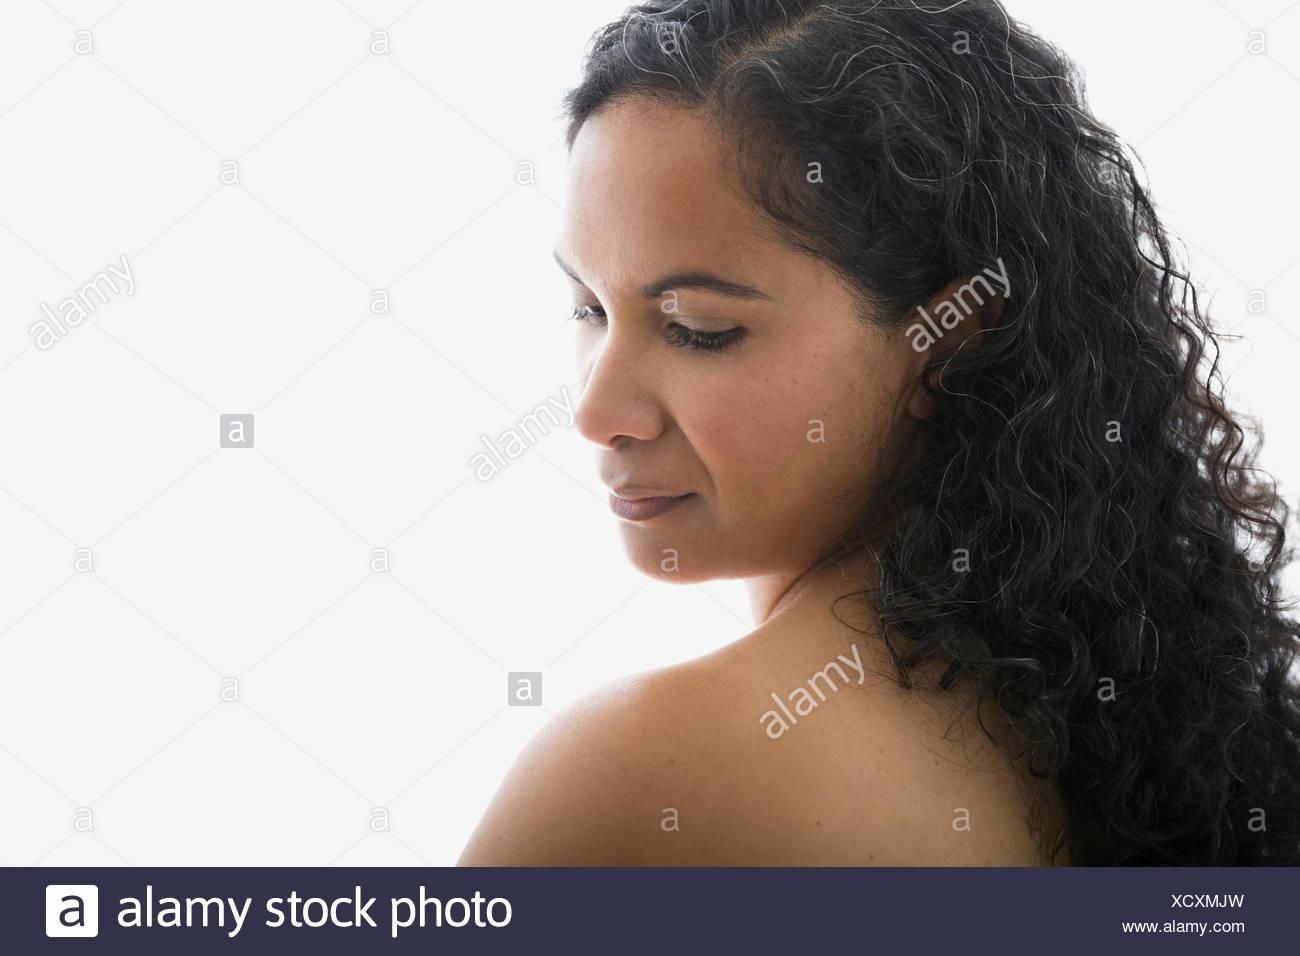 Donna con capelli ricci guardando verso il basso in corrispondenza dello spallamento Immagini Stock